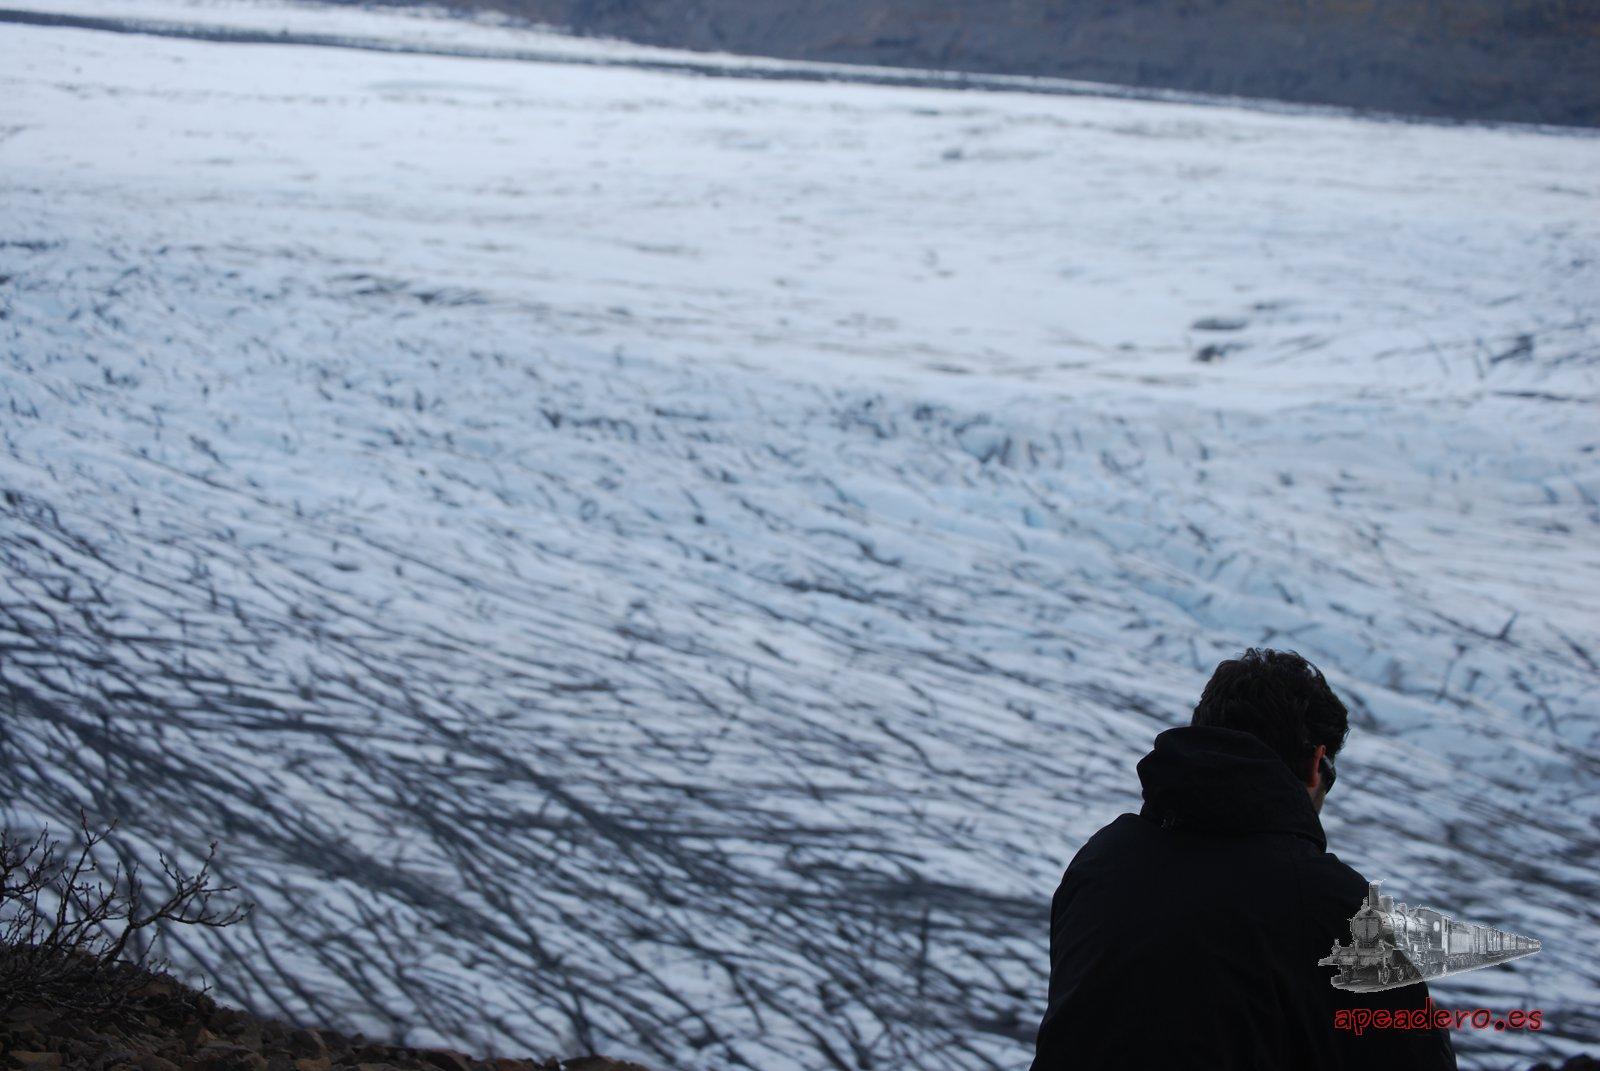 Mirando hacía el lado del glaciar, la vista es sobrecogedora.